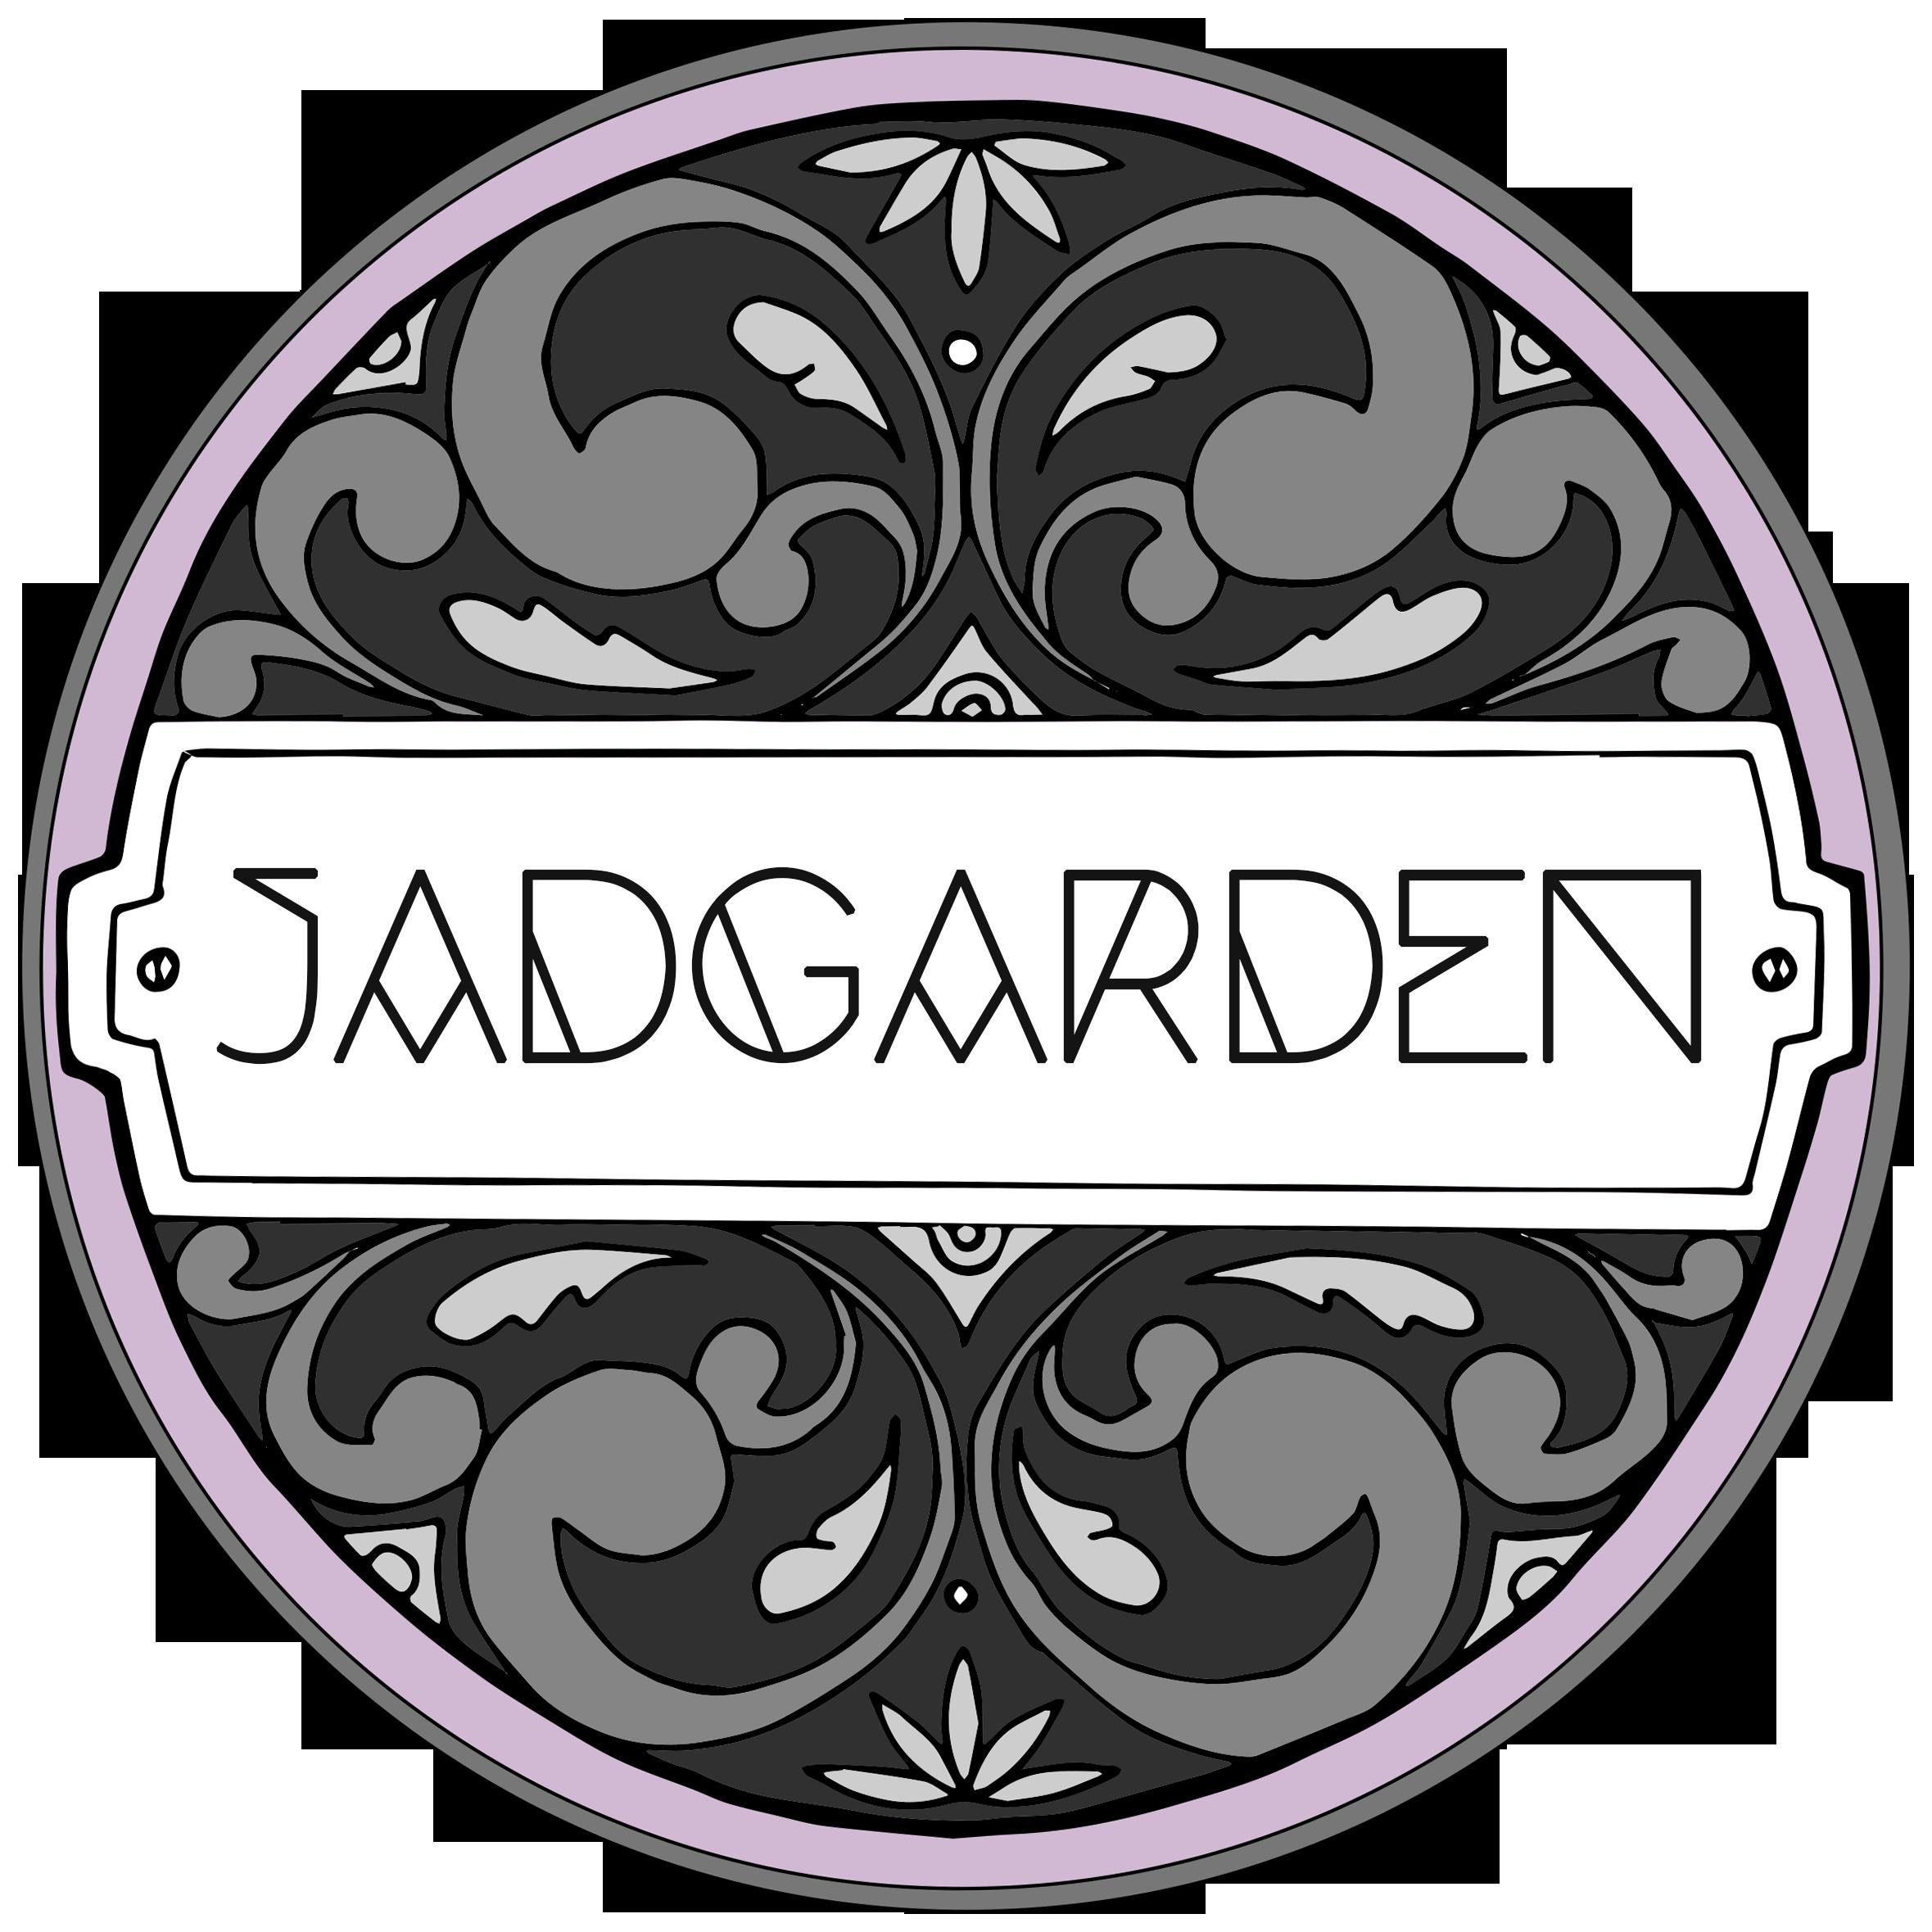 logo jadgarden julie proux création site internet charente angoulême vindelle print graphiste web identité visuelle dessin tatouage